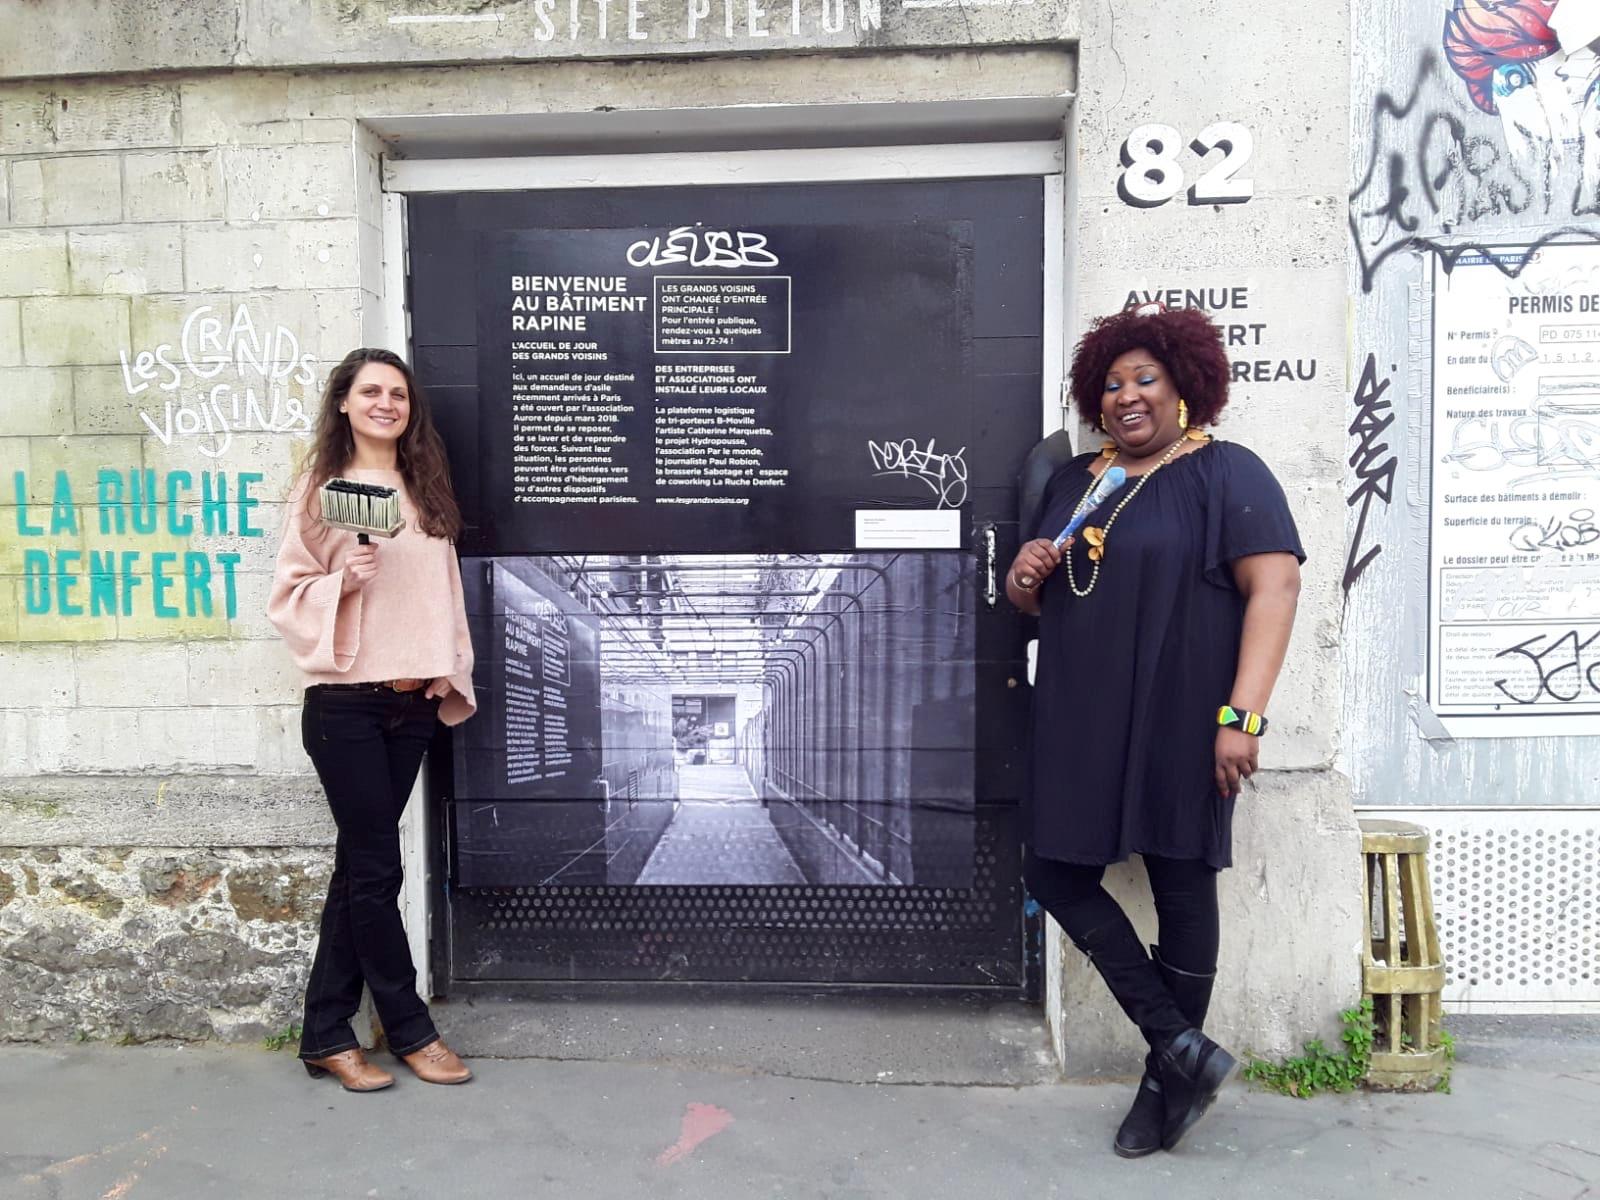 Expo Passage - Bâtiment Rapine - Grands Voisins © Katia Boulinet